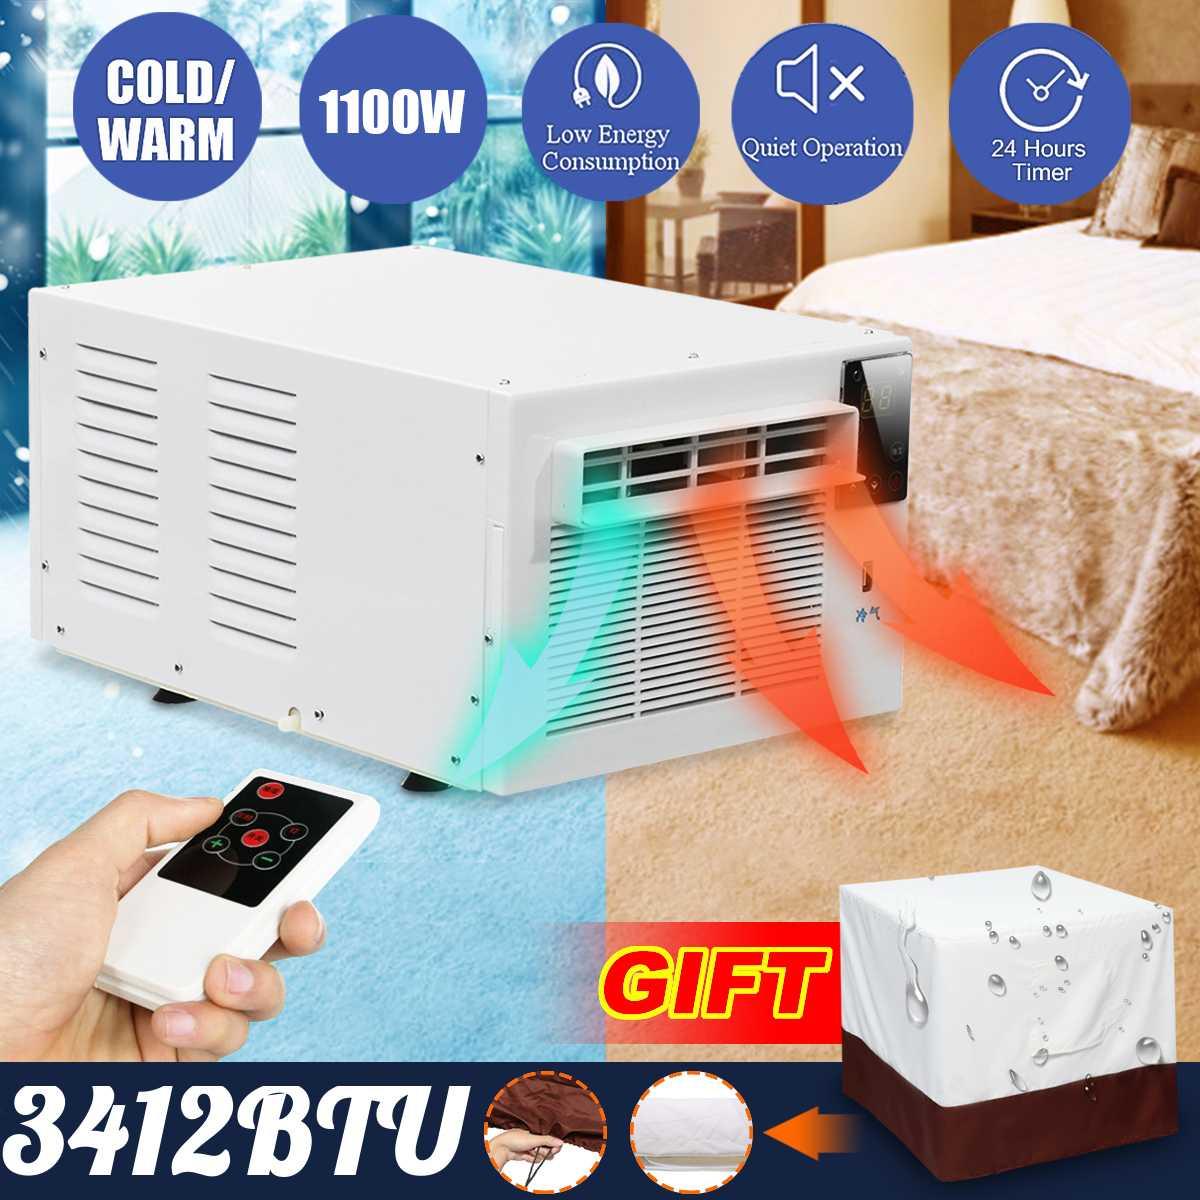 Área de trabalho de ar condicionado 220 V/AC 1100 W 24-hora temporizador Frio/Calor de dupla utilização Com controle remoto LED do painel de controle Animal de Estimação ar conditione